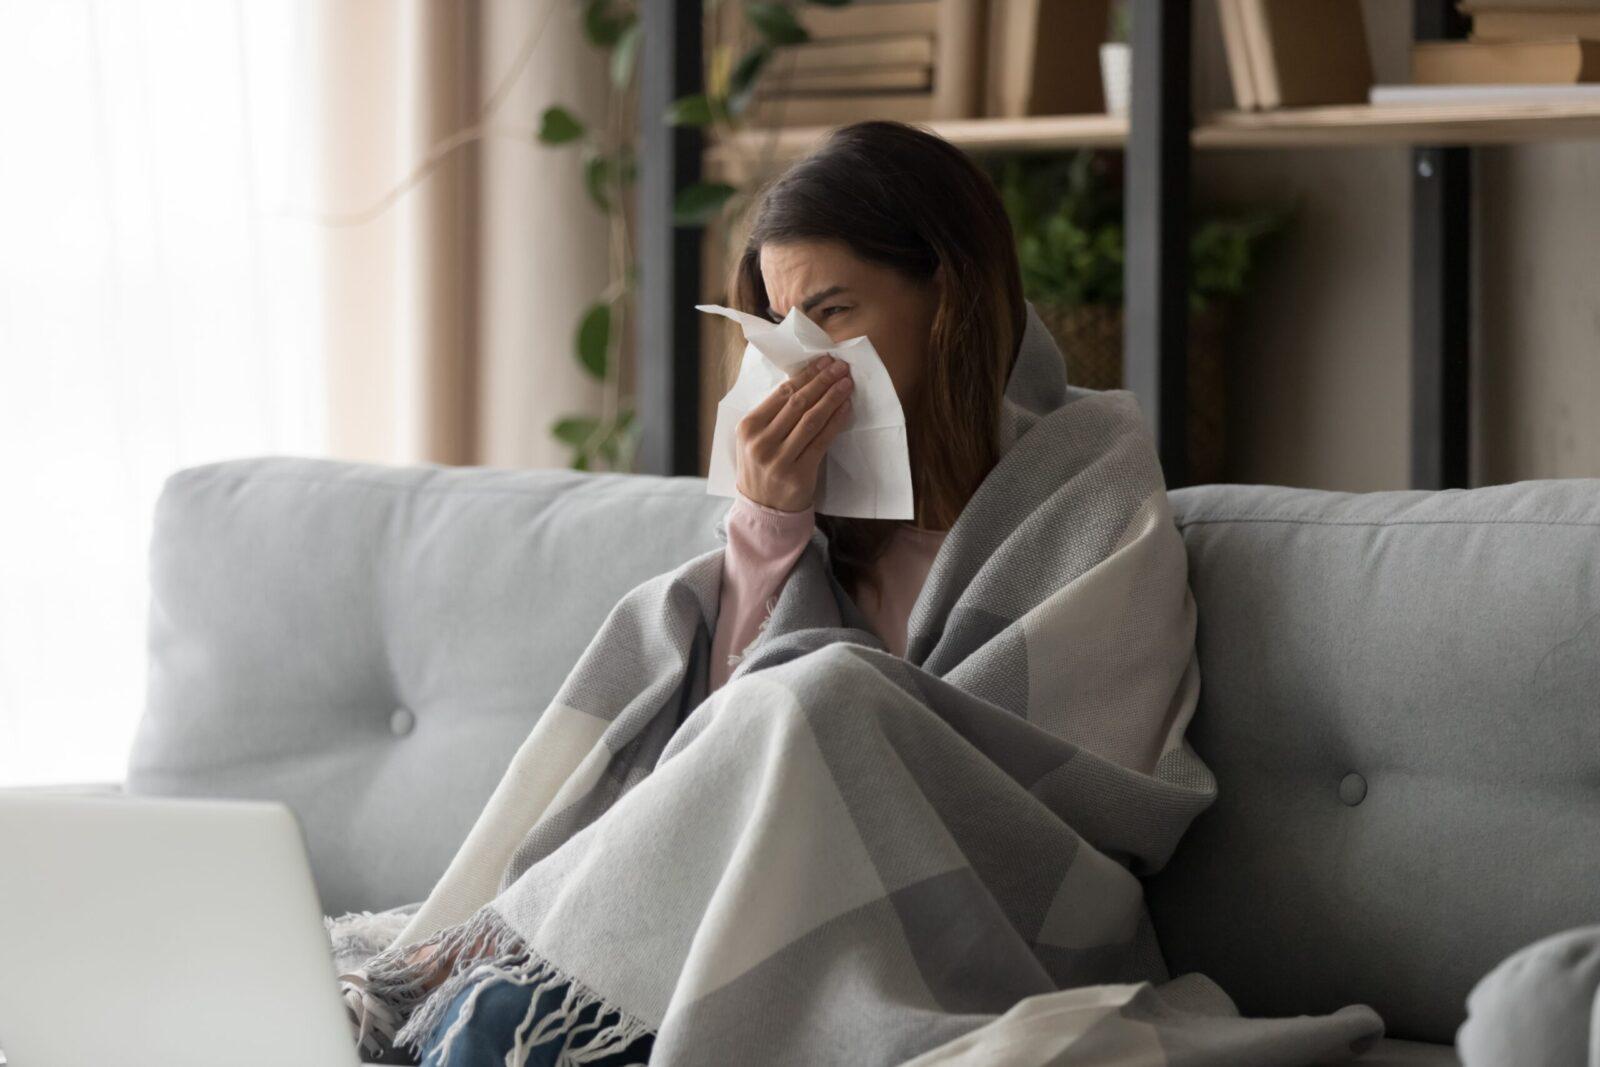 Ryzyko zachorowania na grypę wyższe niż w poprzednim sezonie. Medycy spodziewają się wzrostu zainteresowania szczepionkami